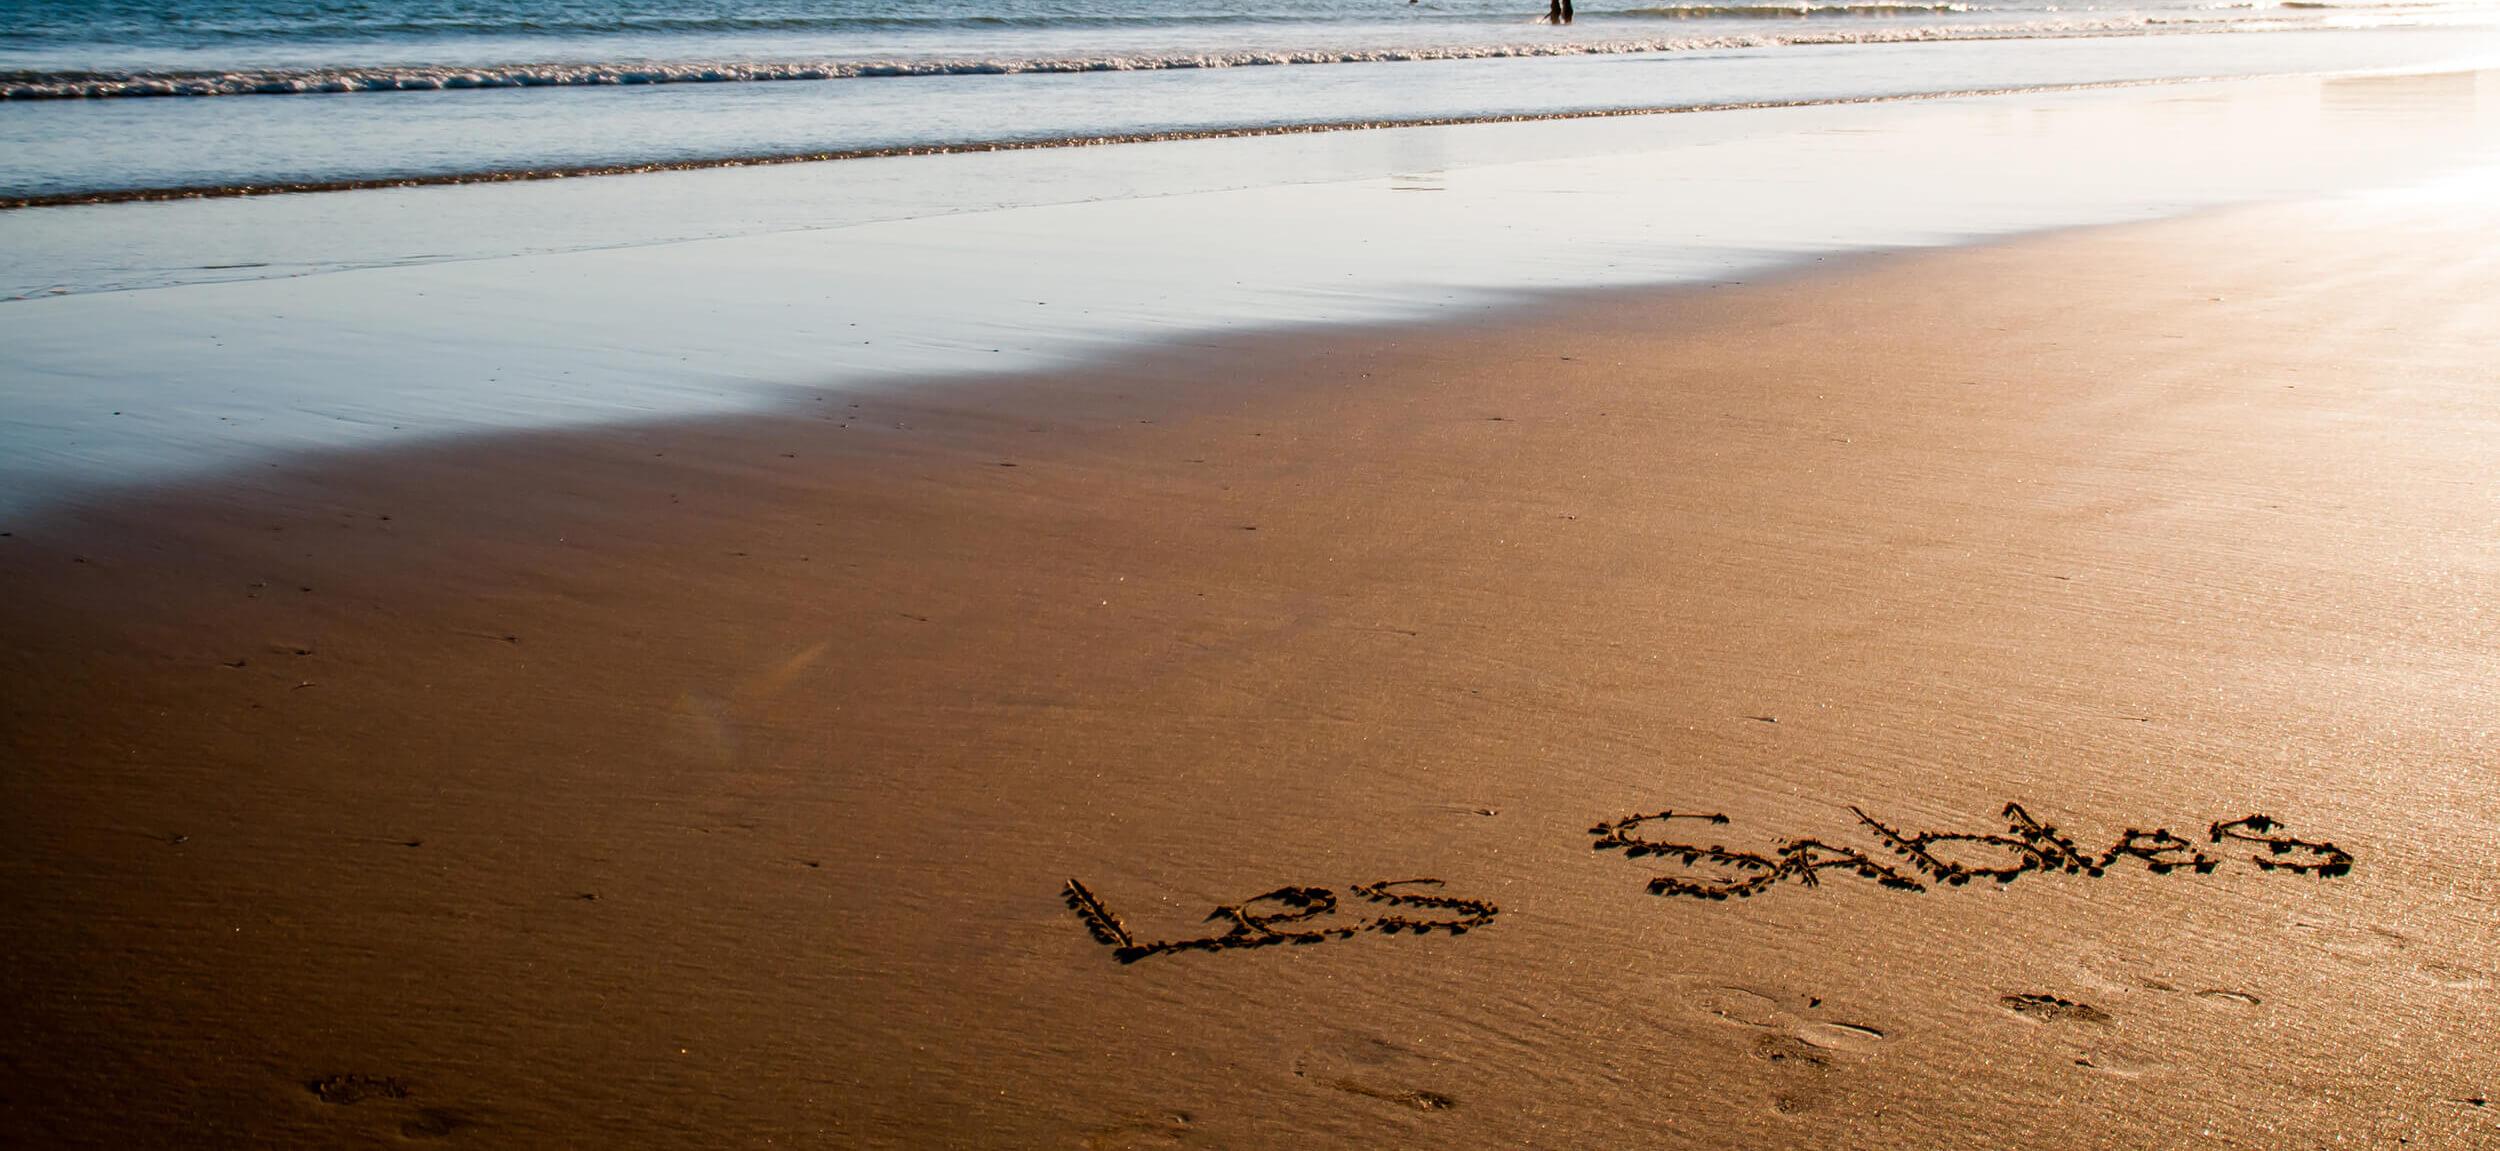 Rencontres amicales les sables d'olonne